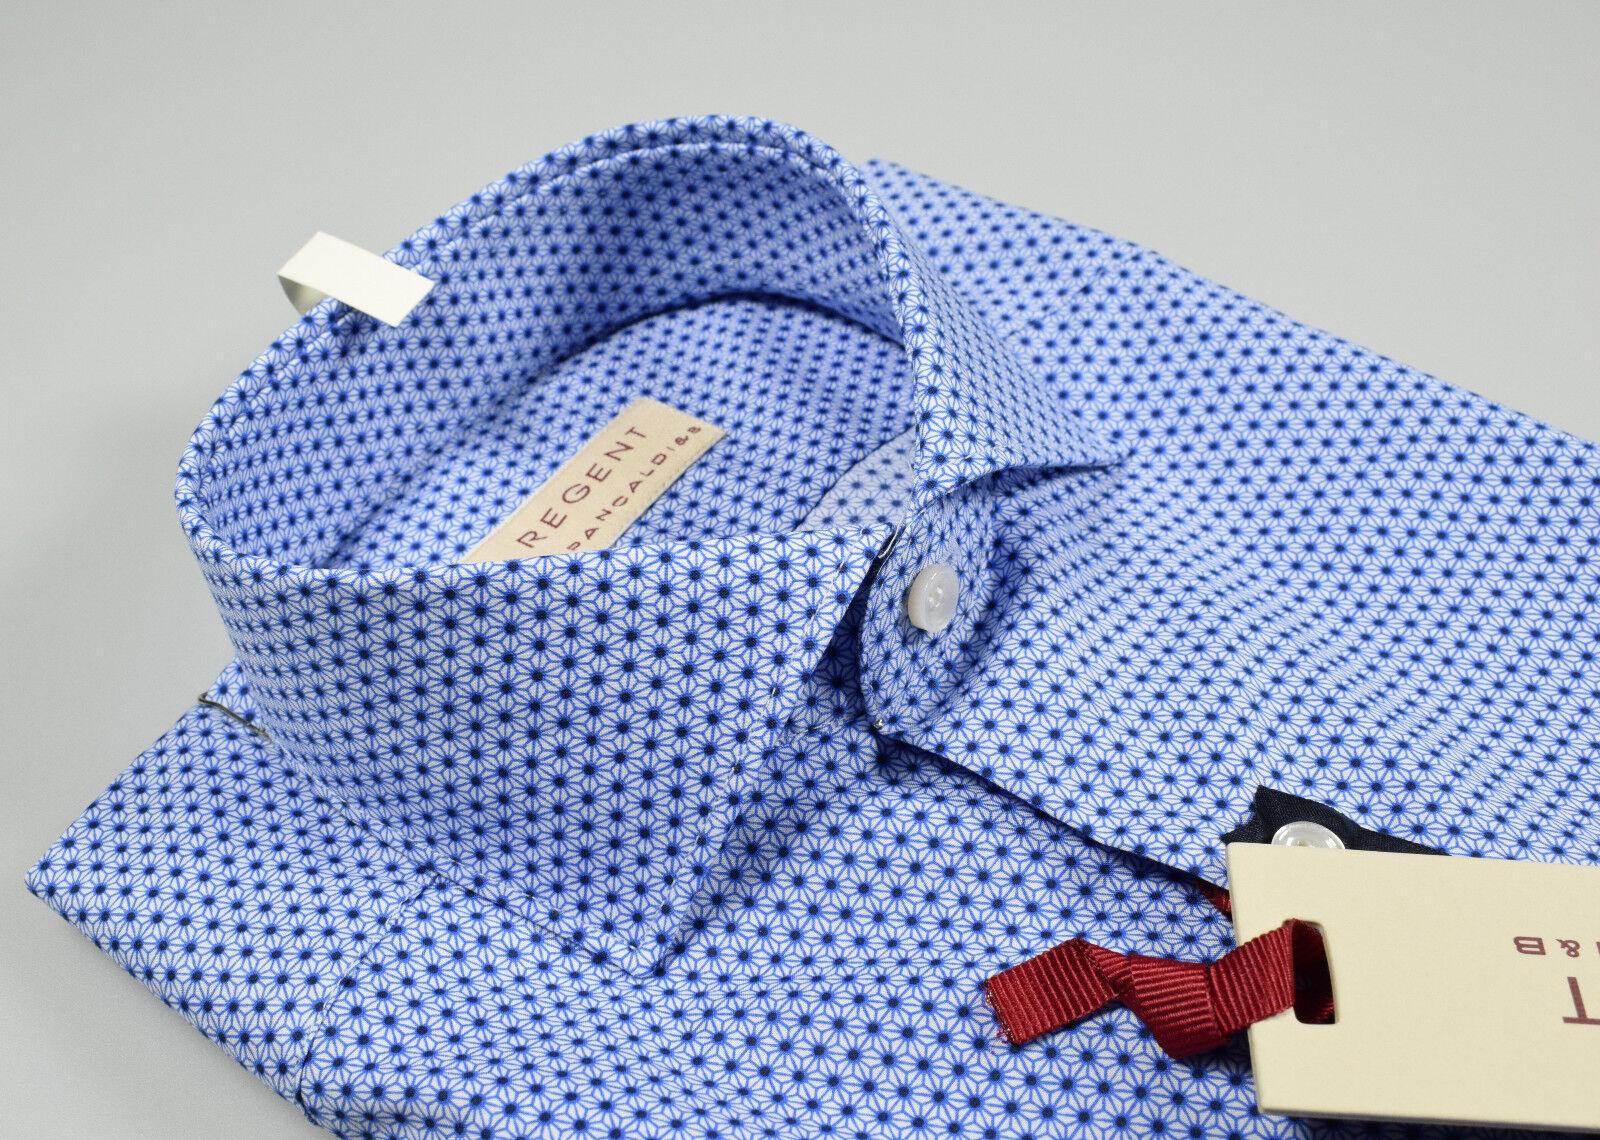 Camicia Regent by Pancaldi vestibilità slim fit collo francese azzurra stampata